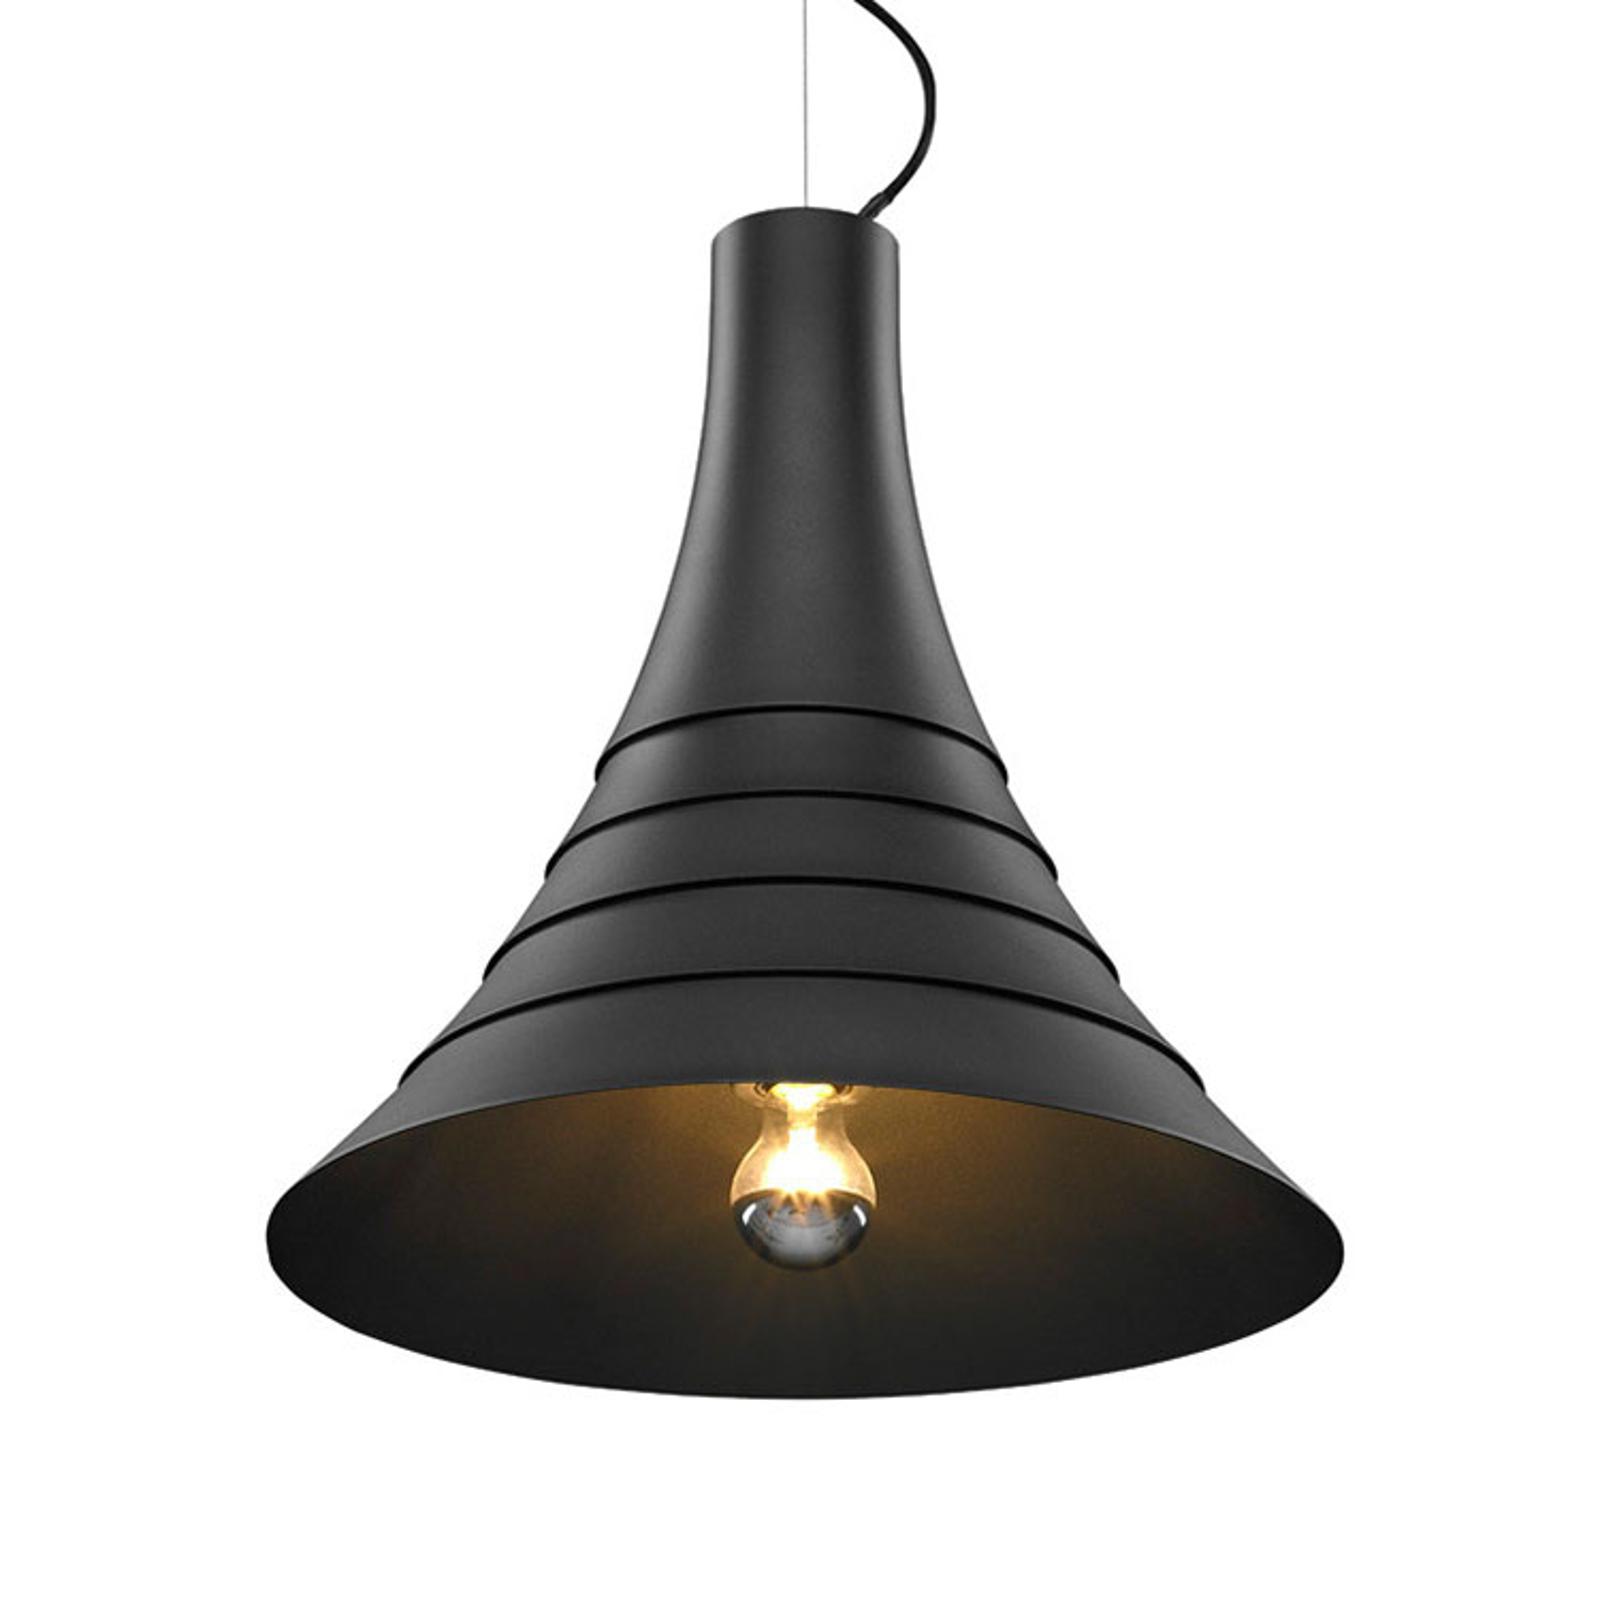 SLV Bato 45 hanglamp E27 zwart Ø45cm